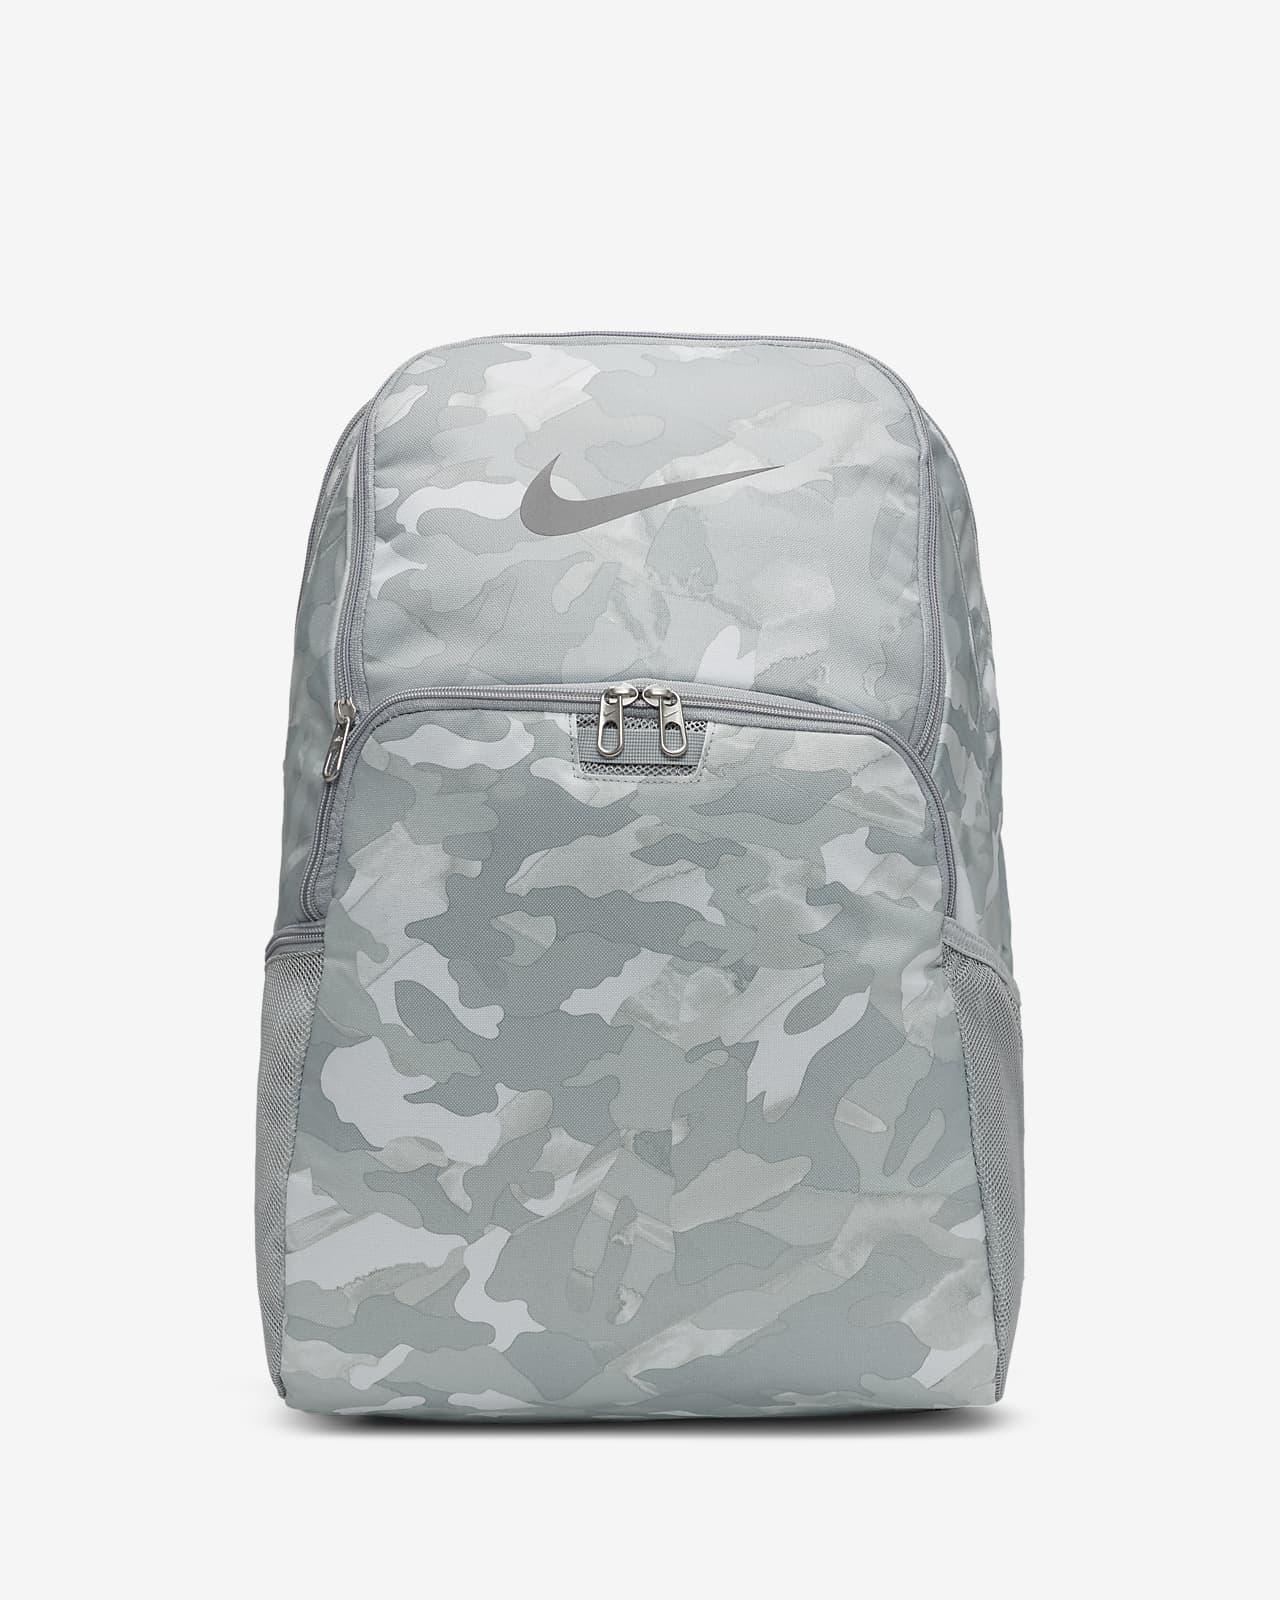 Nike Brasilia Printed Training Backpack (Extra Large)